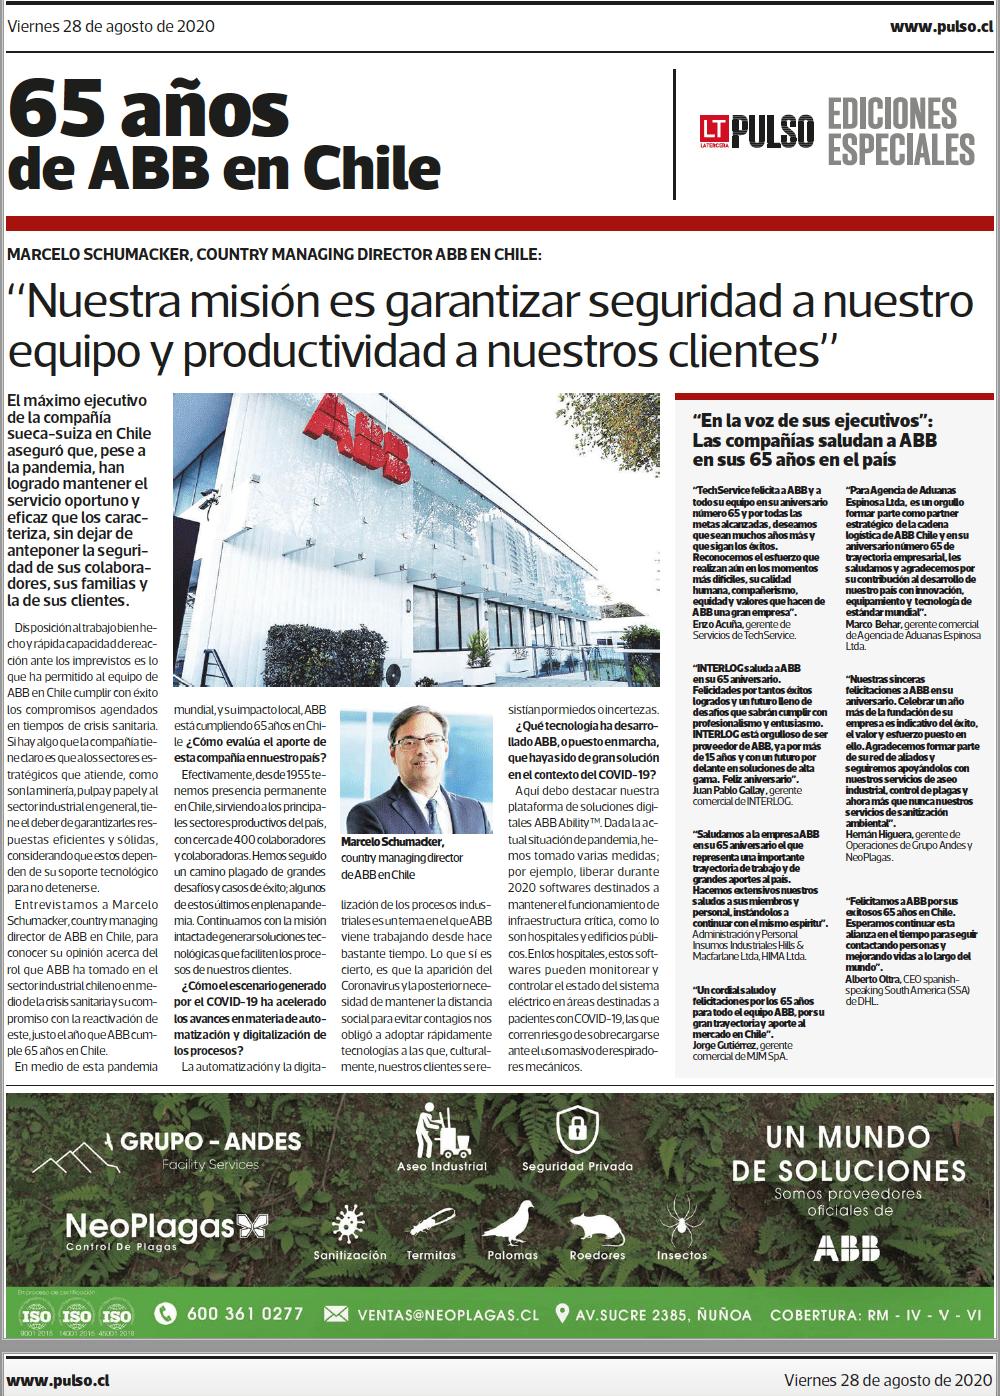 65 años de ABB - publireportaje La Tercera- 2020.